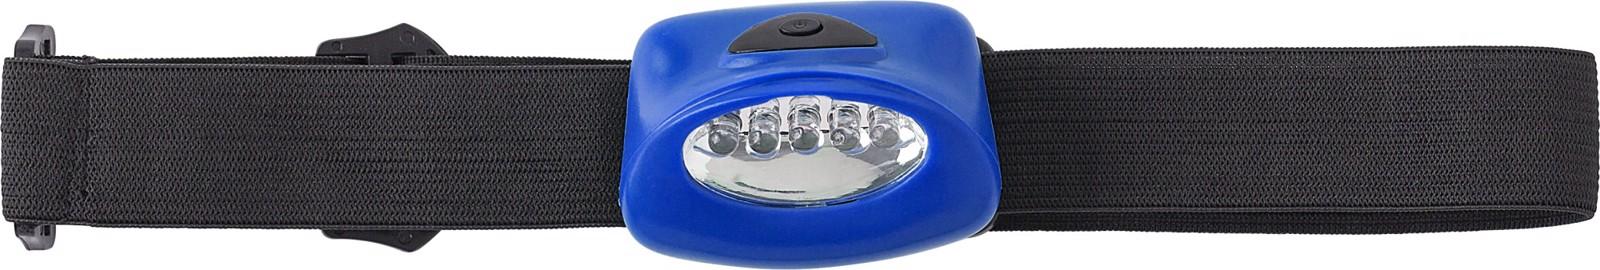 ABS head light - Cobalt Blue